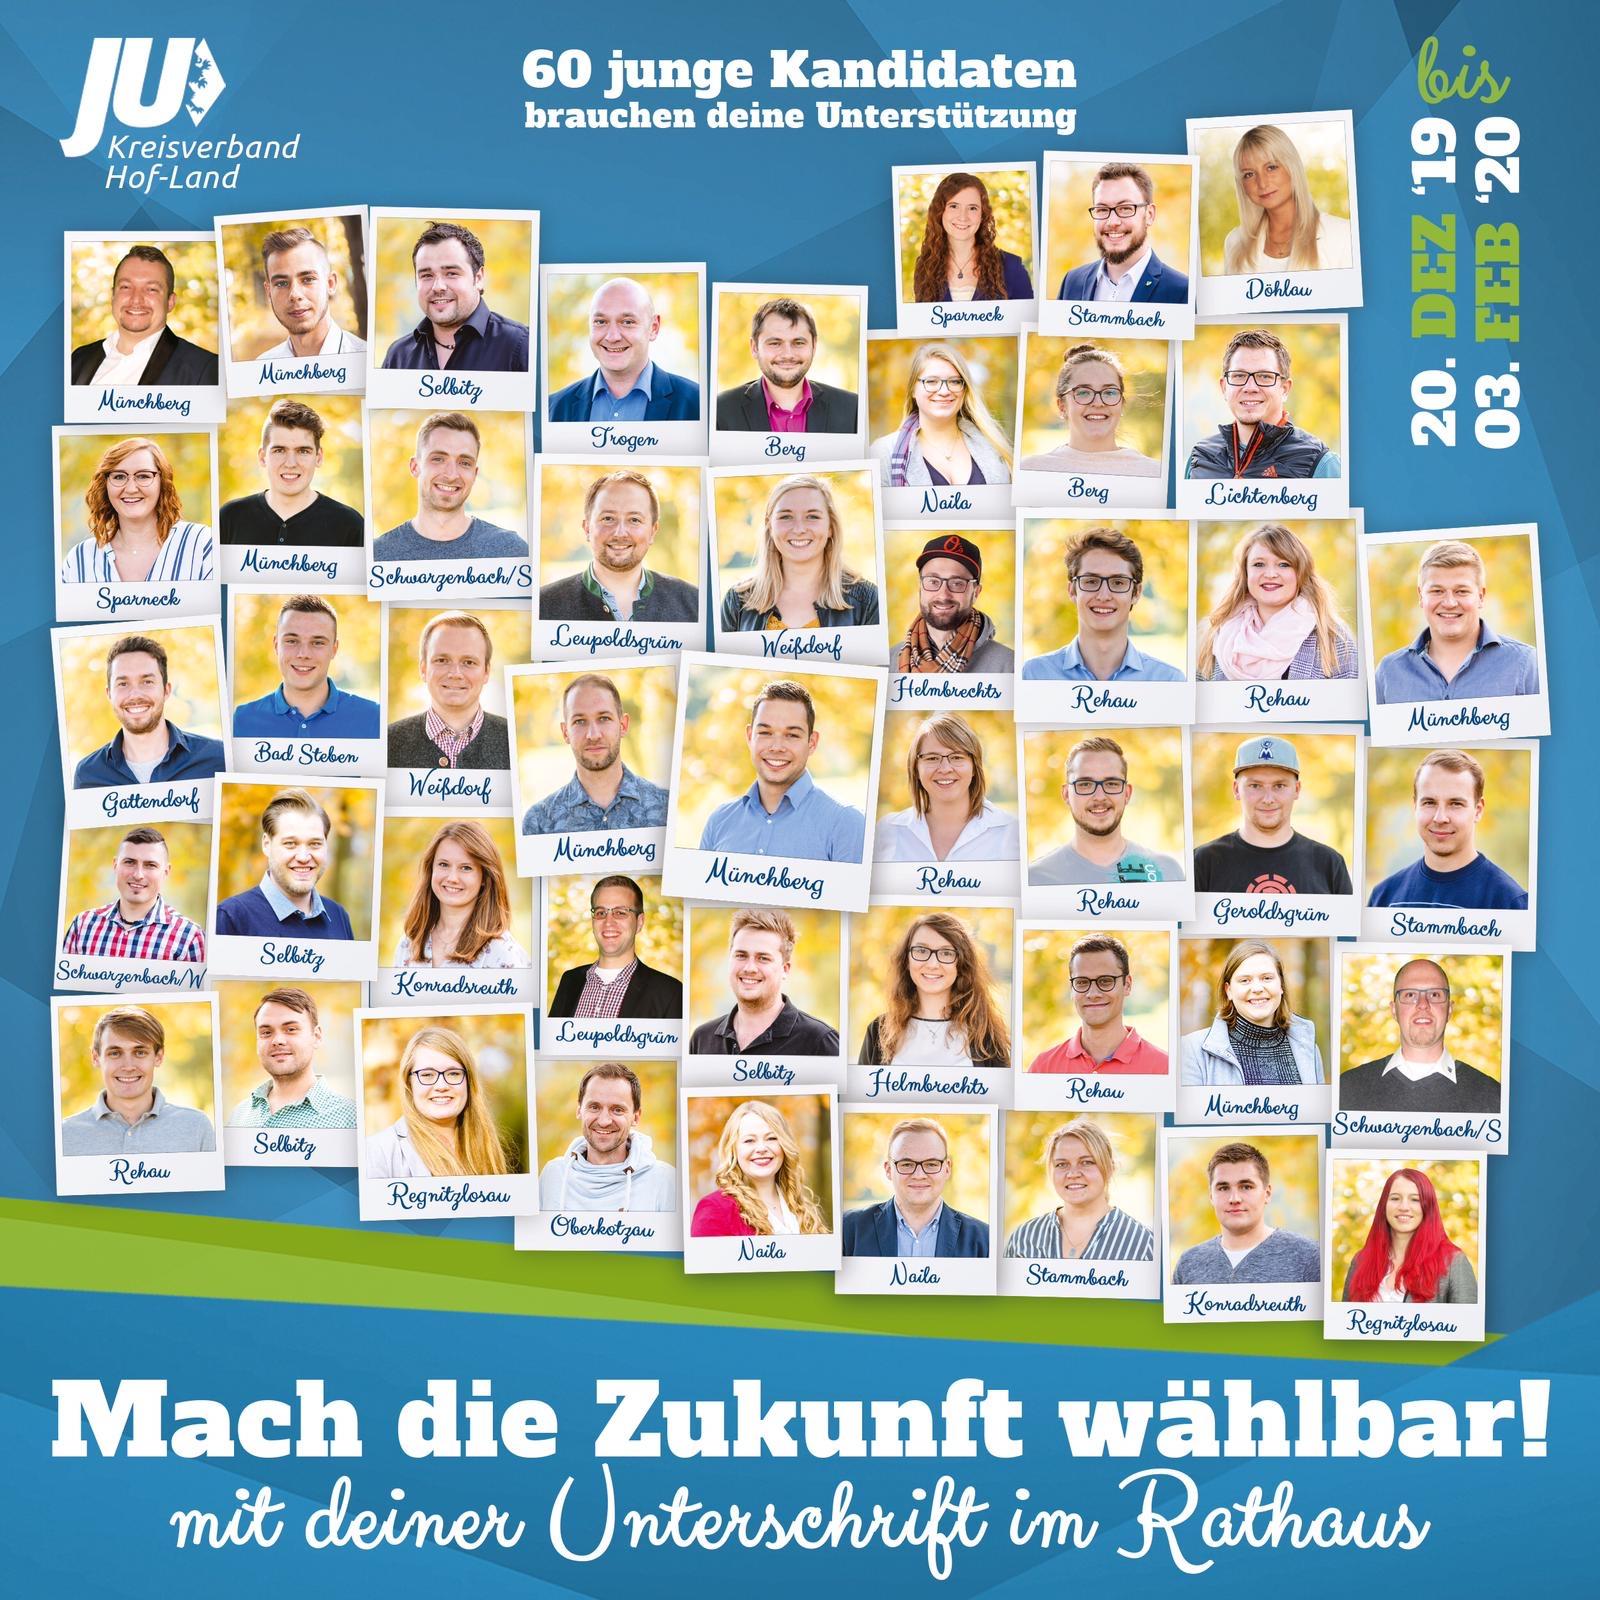 60 junge Kandidaten für die Junge Union Hof-Land Liste